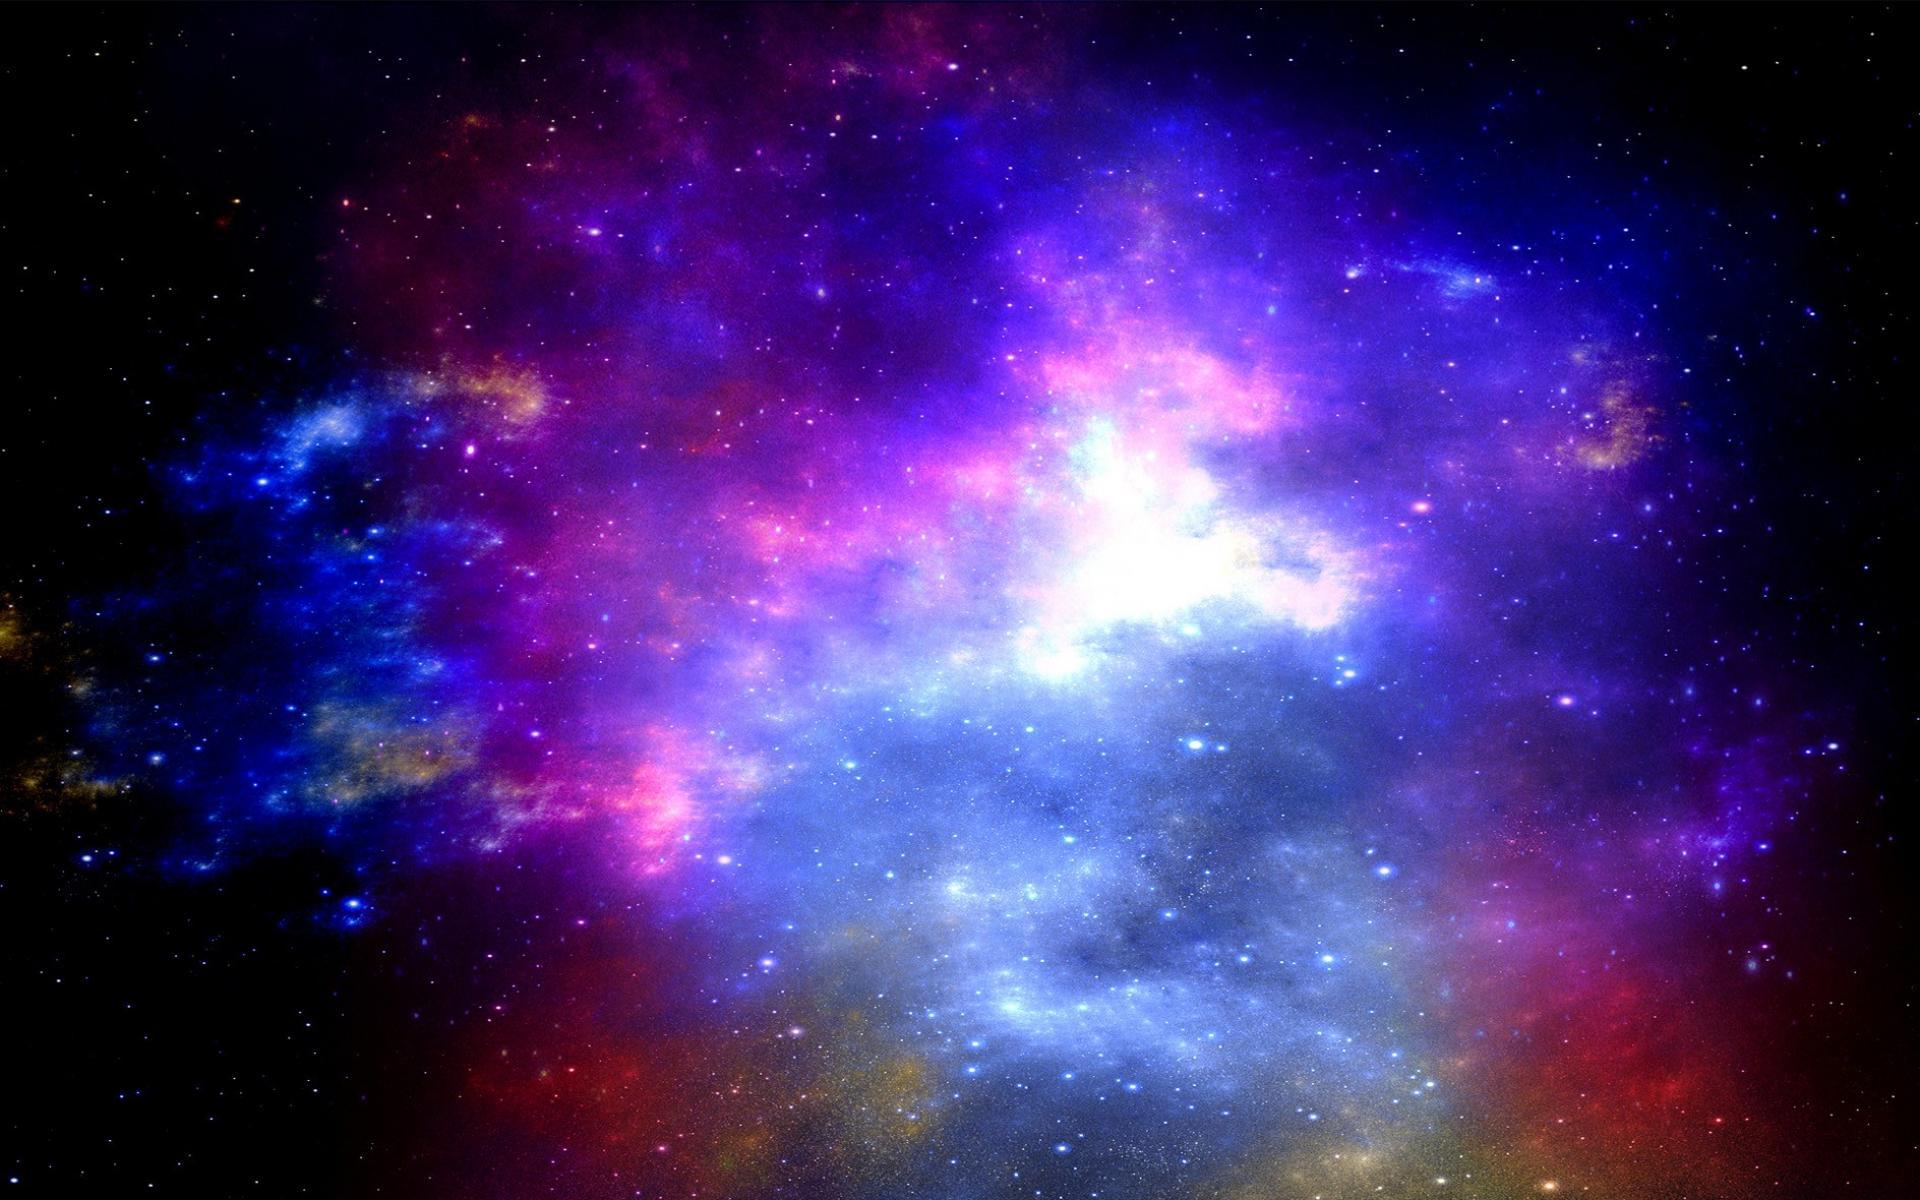 Fondos de pantalla del universo bello taringa for Sfondi desktop universo